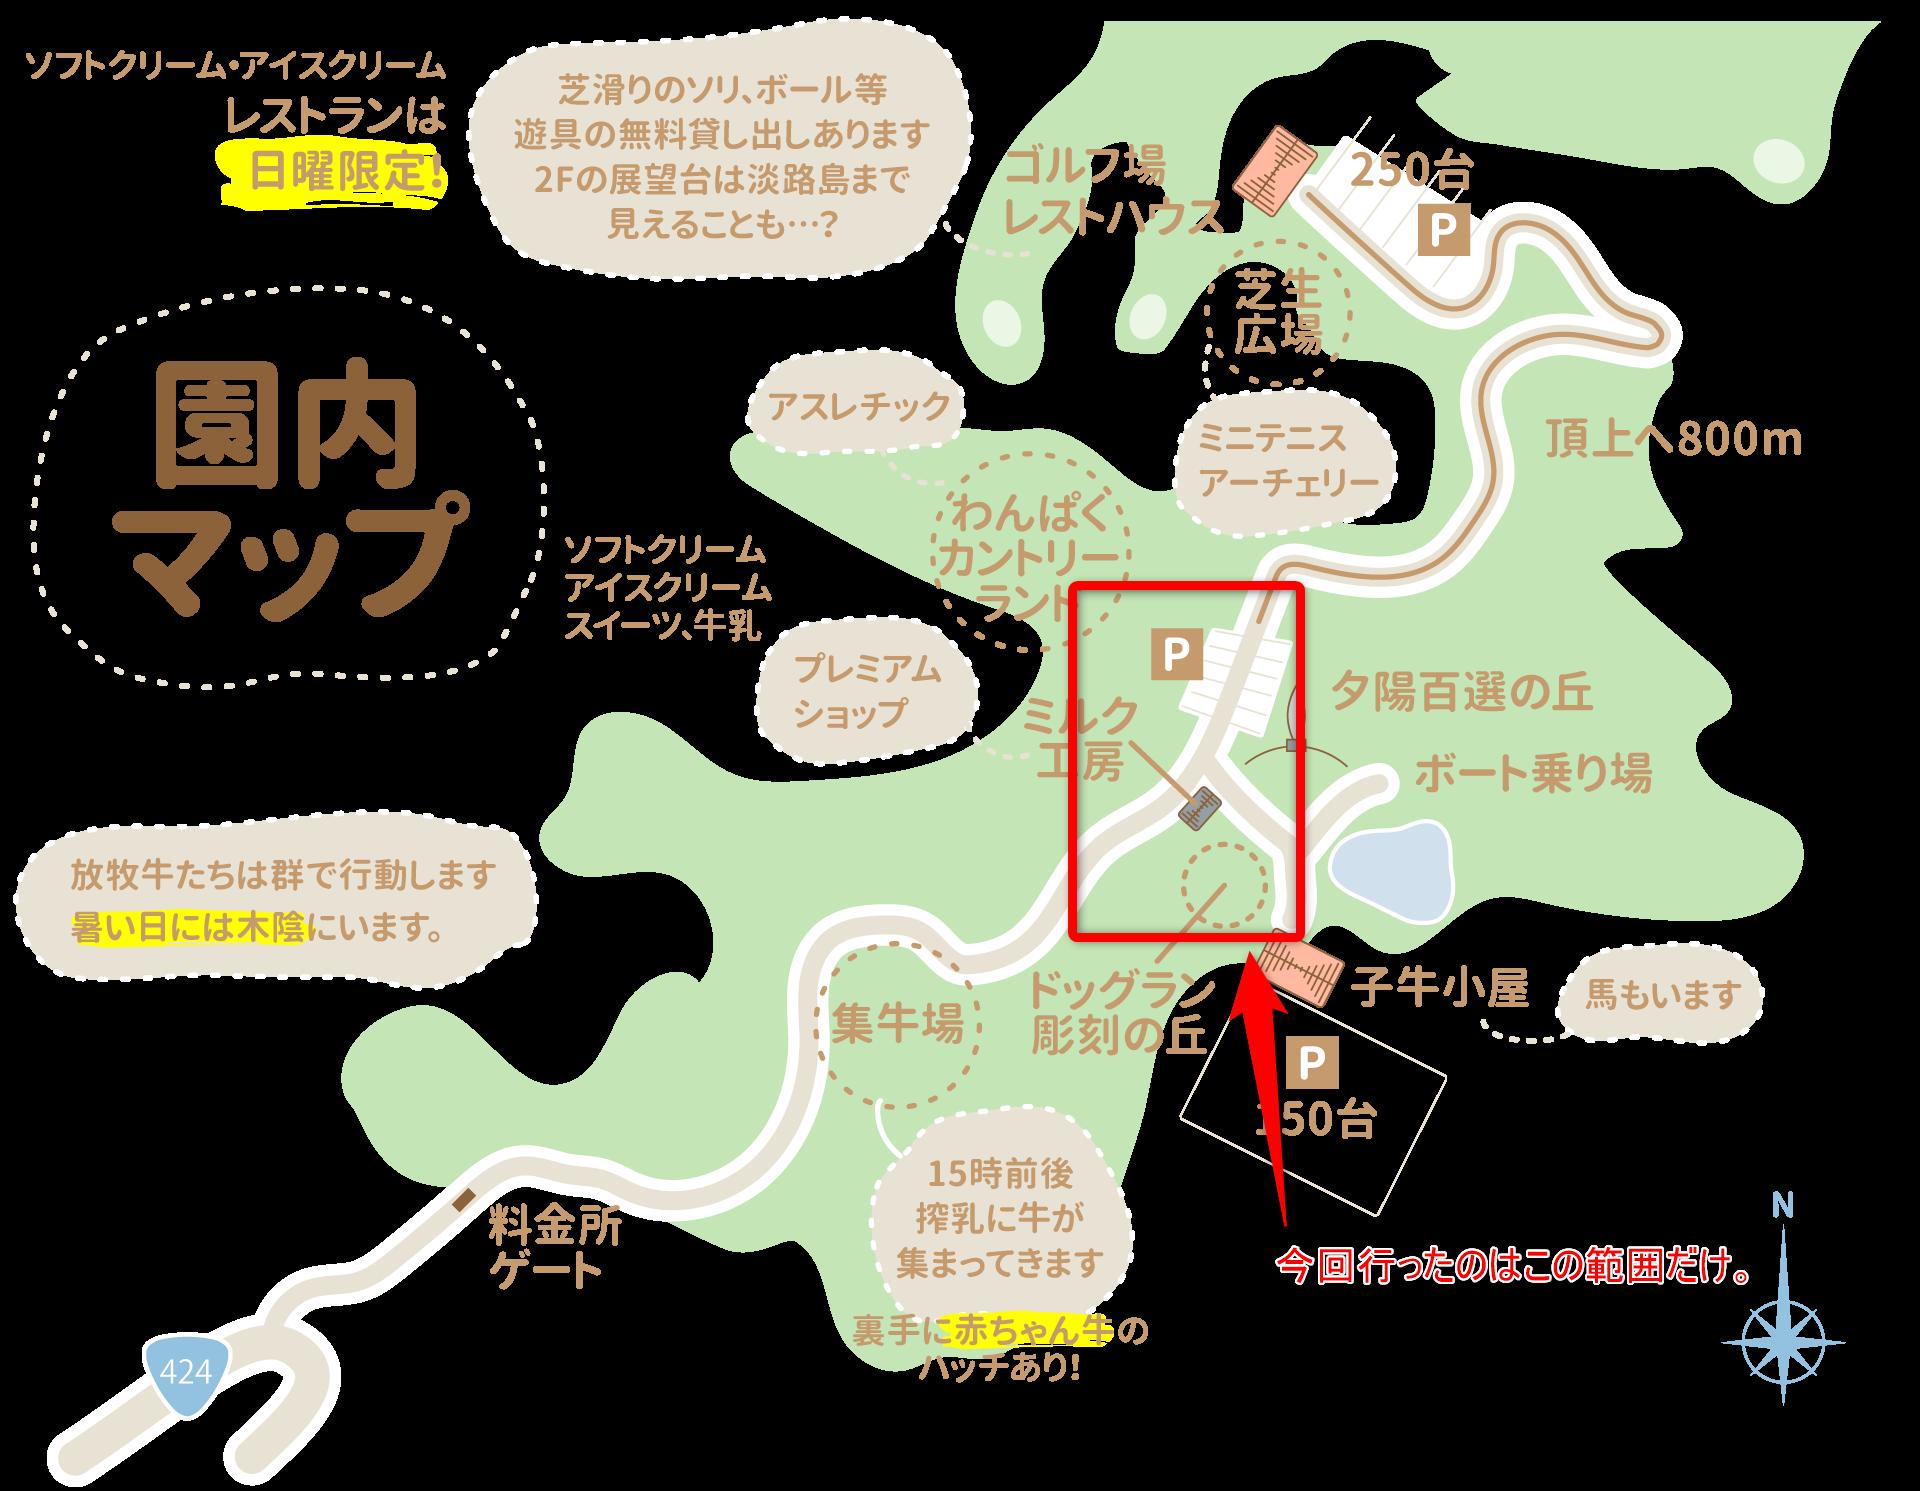 黒沢牧場 園内マップ ドッグラン